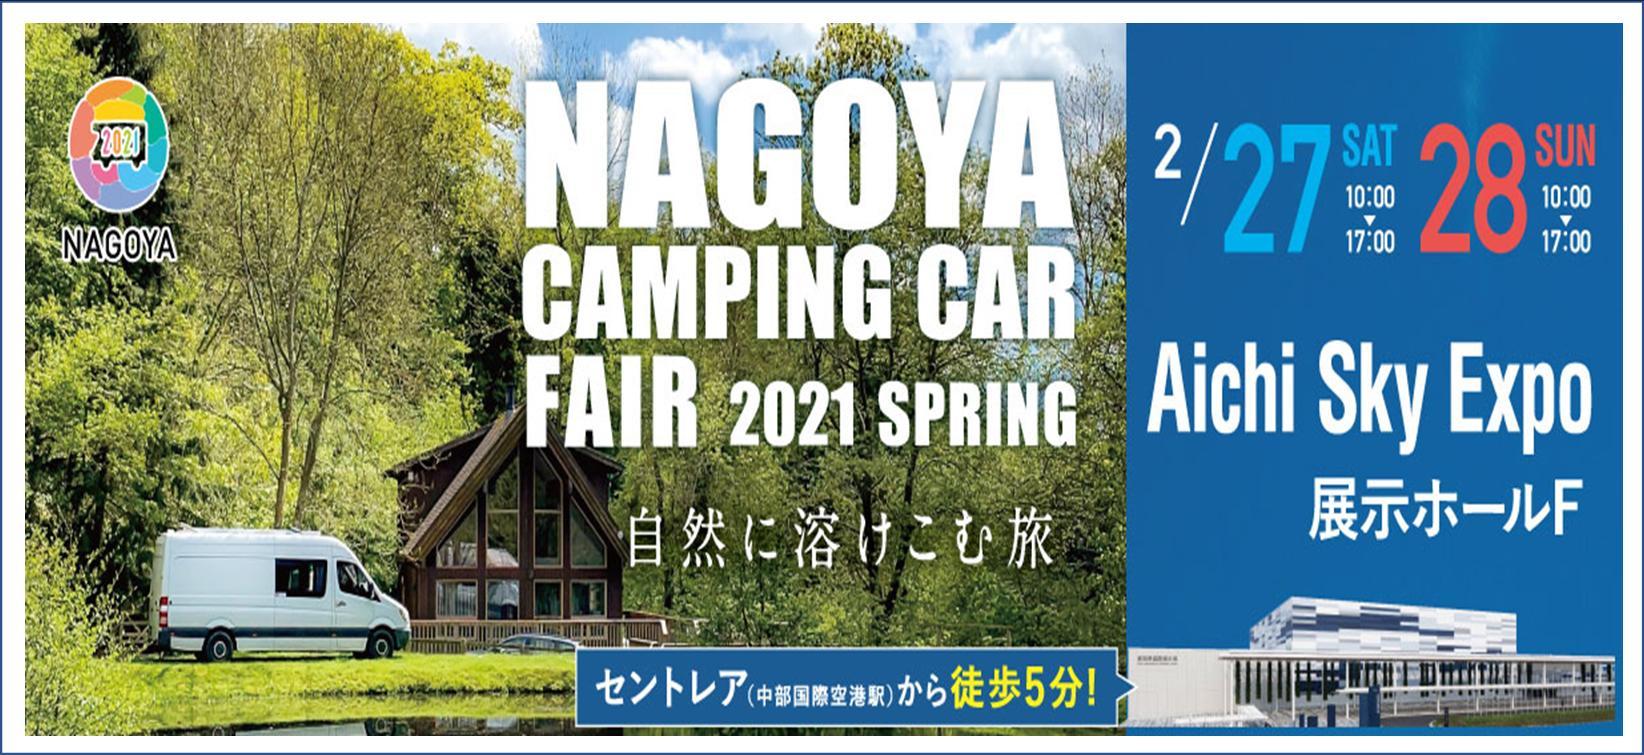 名古屋キャンピングカーフェア 開催!! 2/27・28 !!